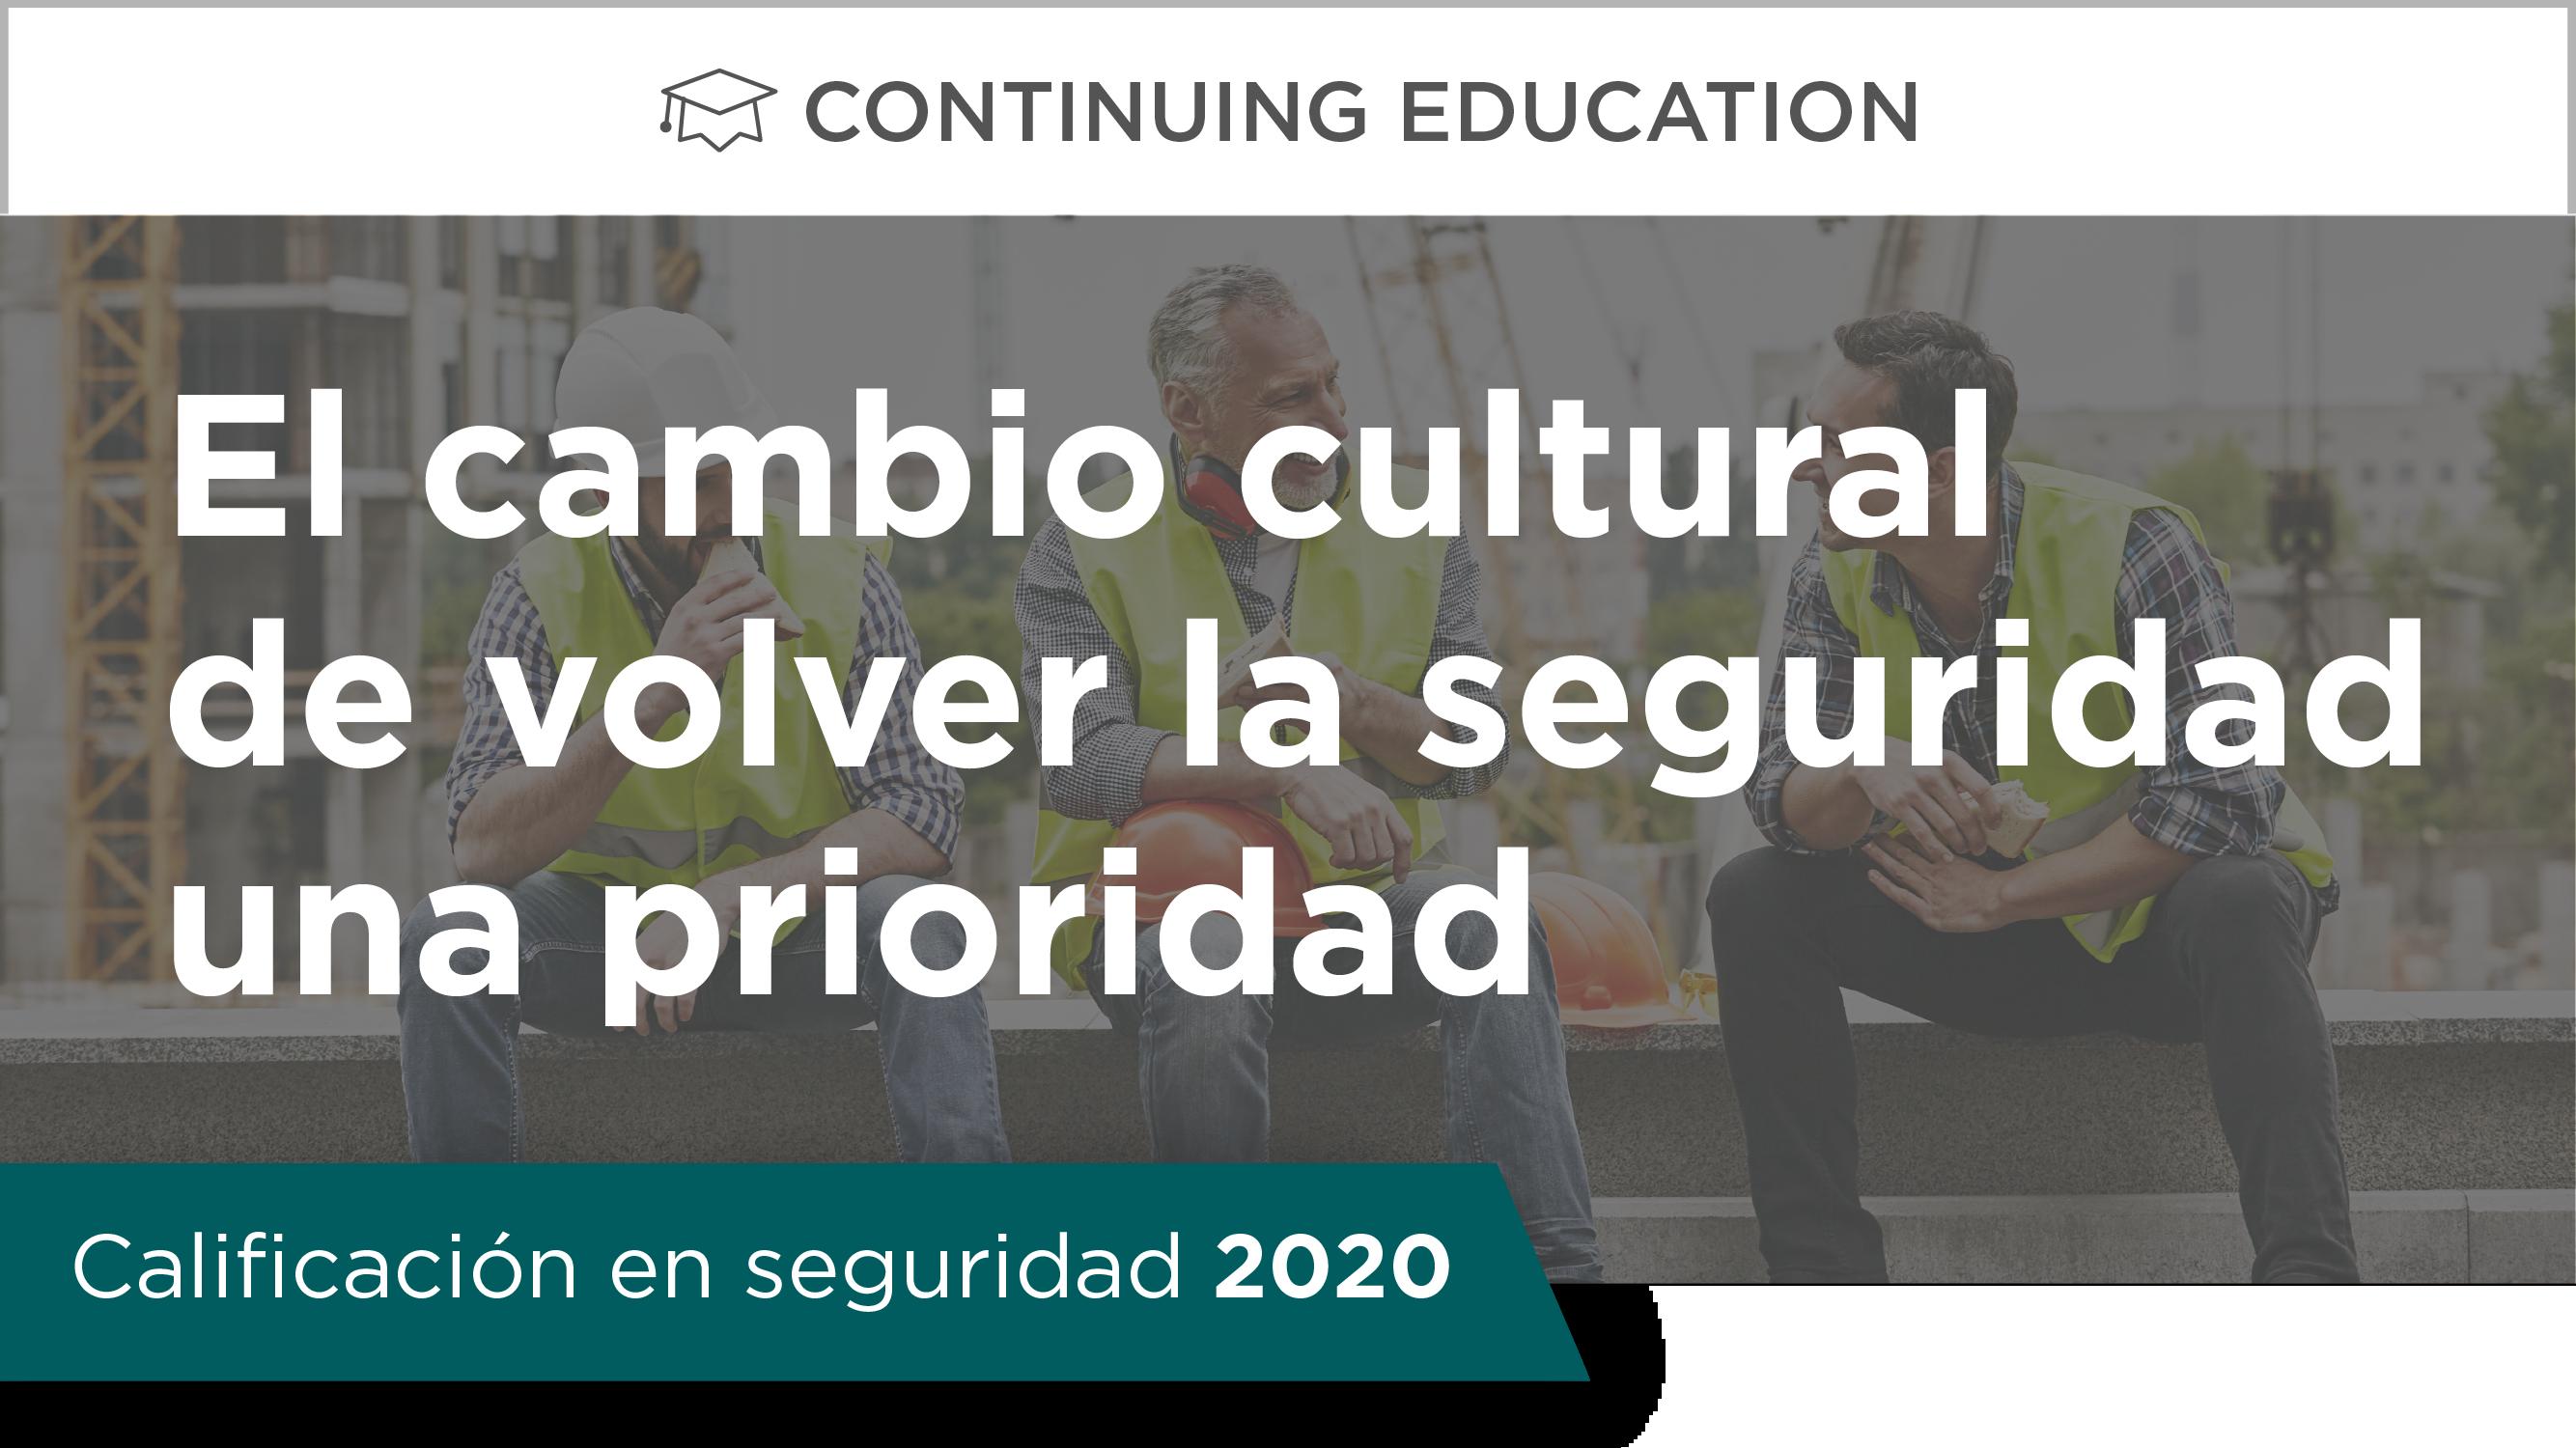 Calificación en seguridad 2020: El cambio cultural de volver la seguridad una prioridad